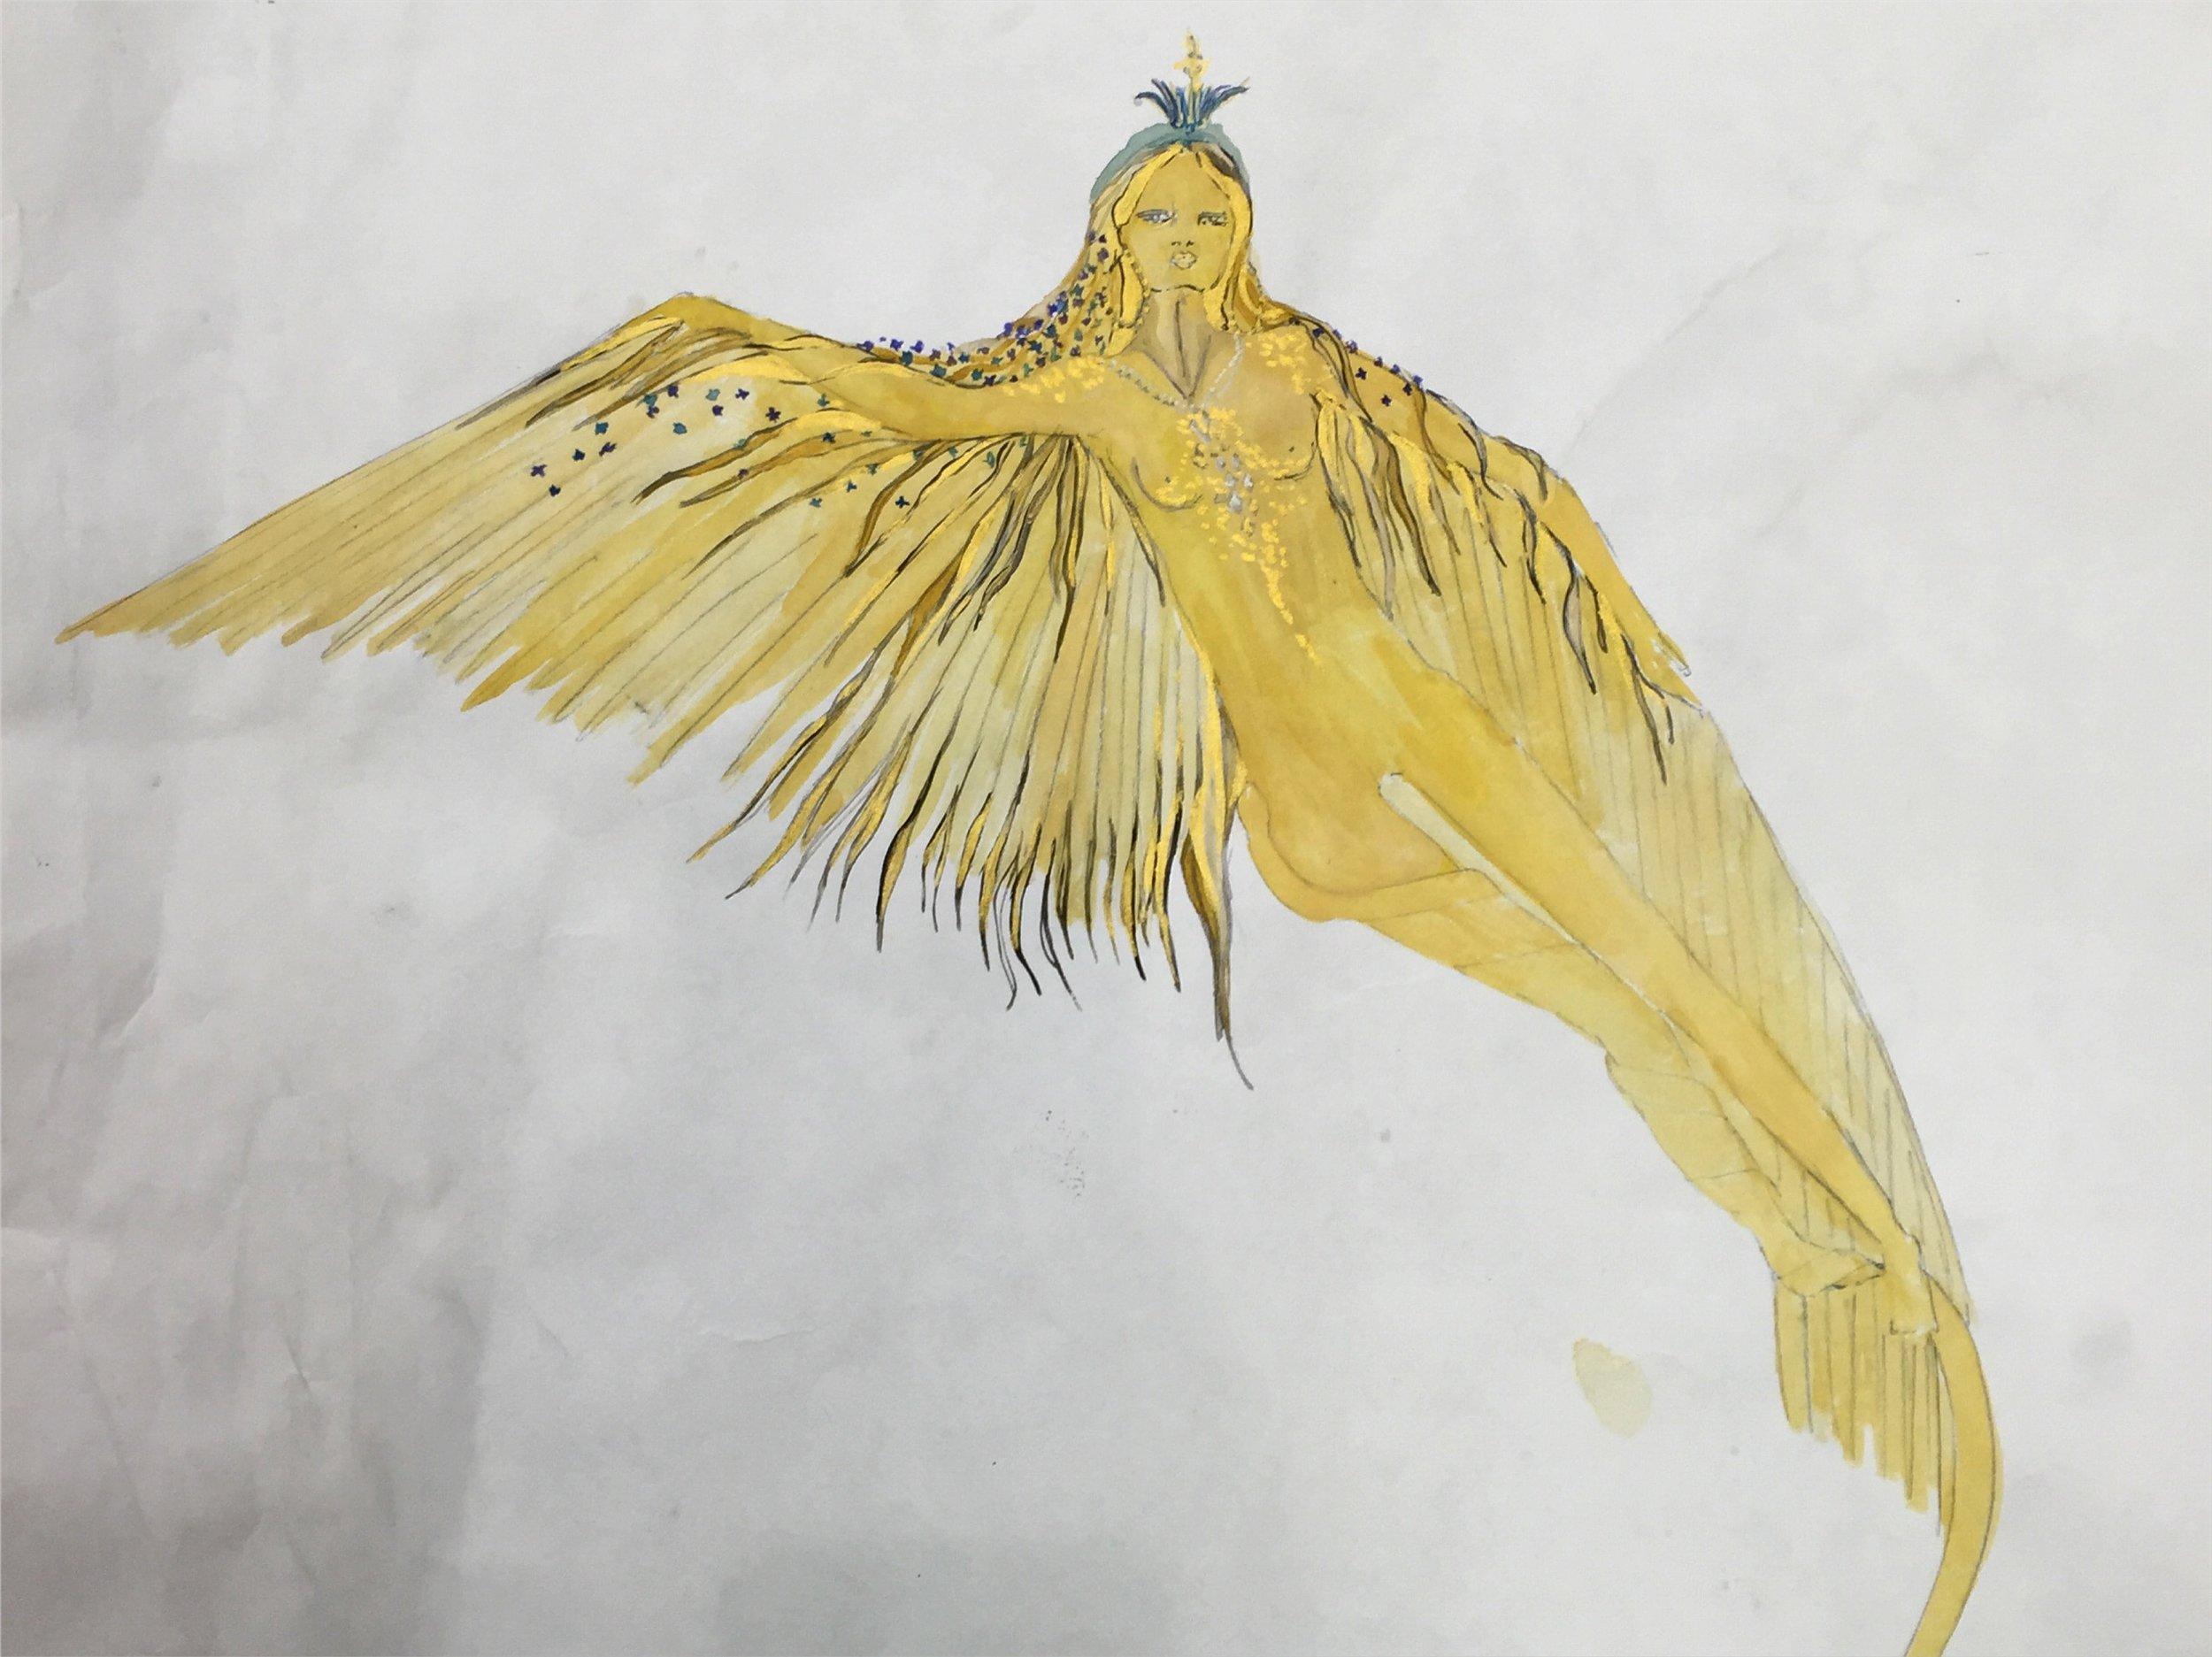 Sketch of Minerva